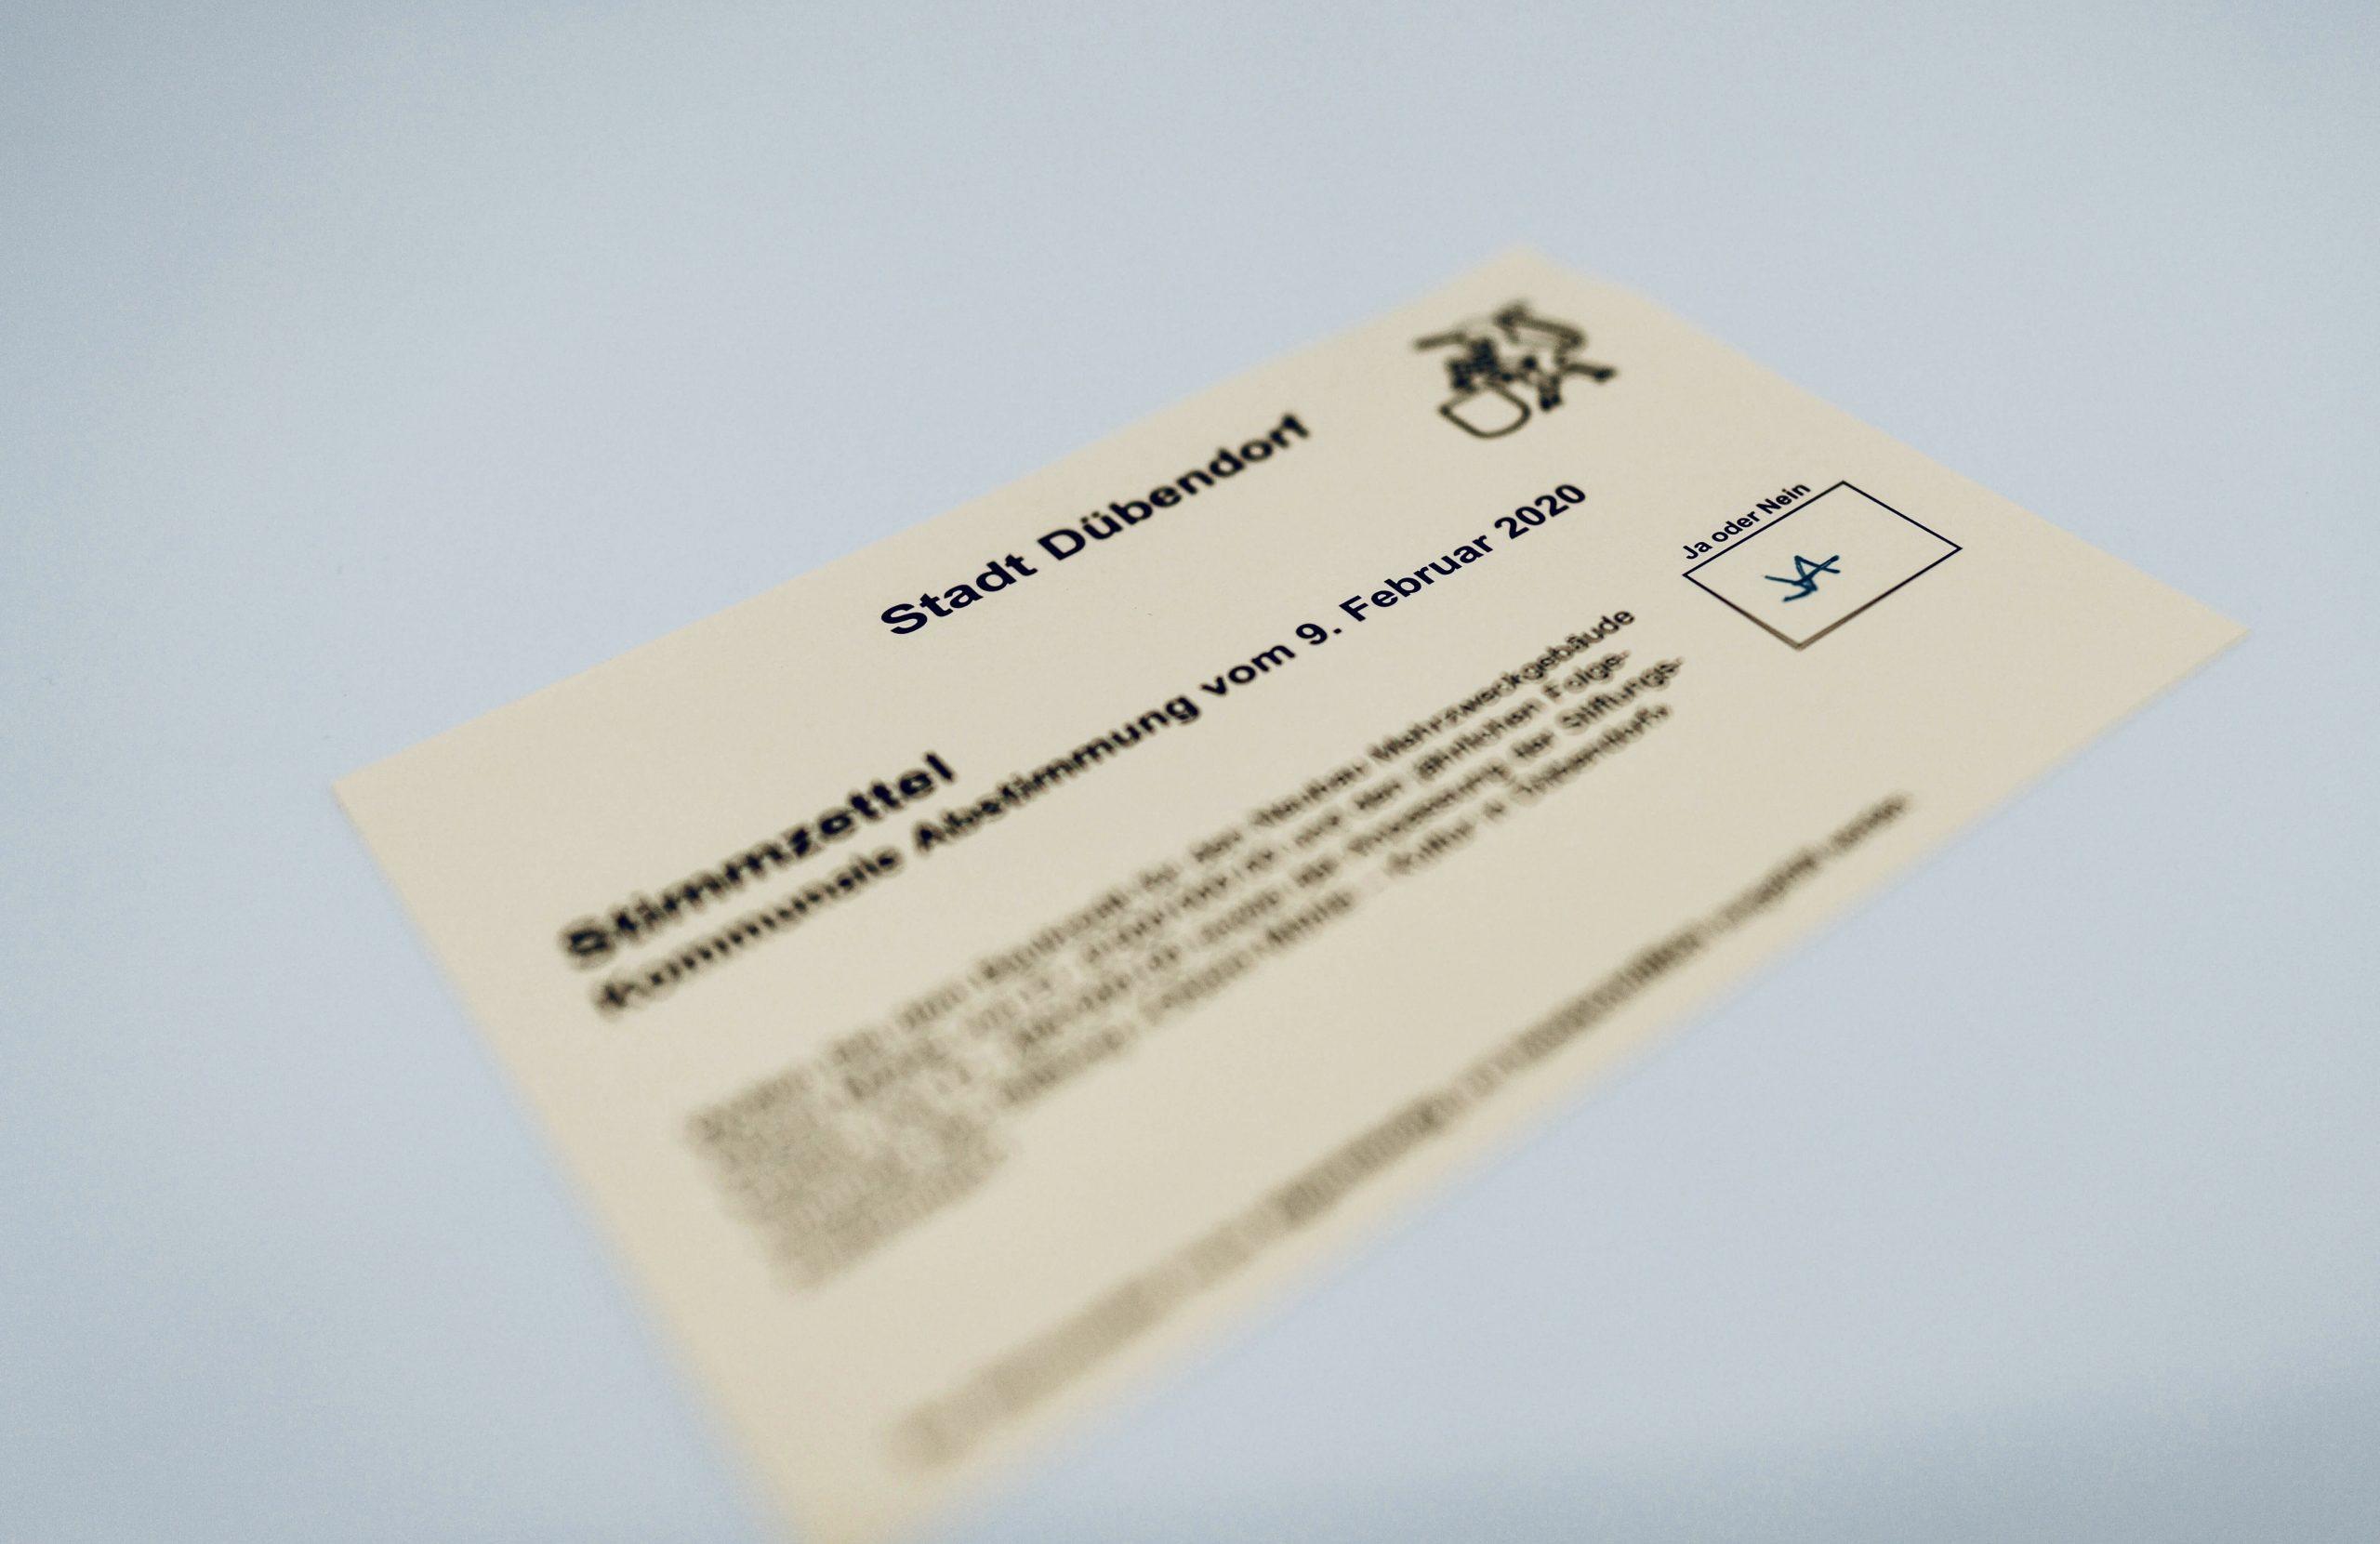 Виды визиток. Размеры, стандарты визиток, описание материалов и технологий изготовления